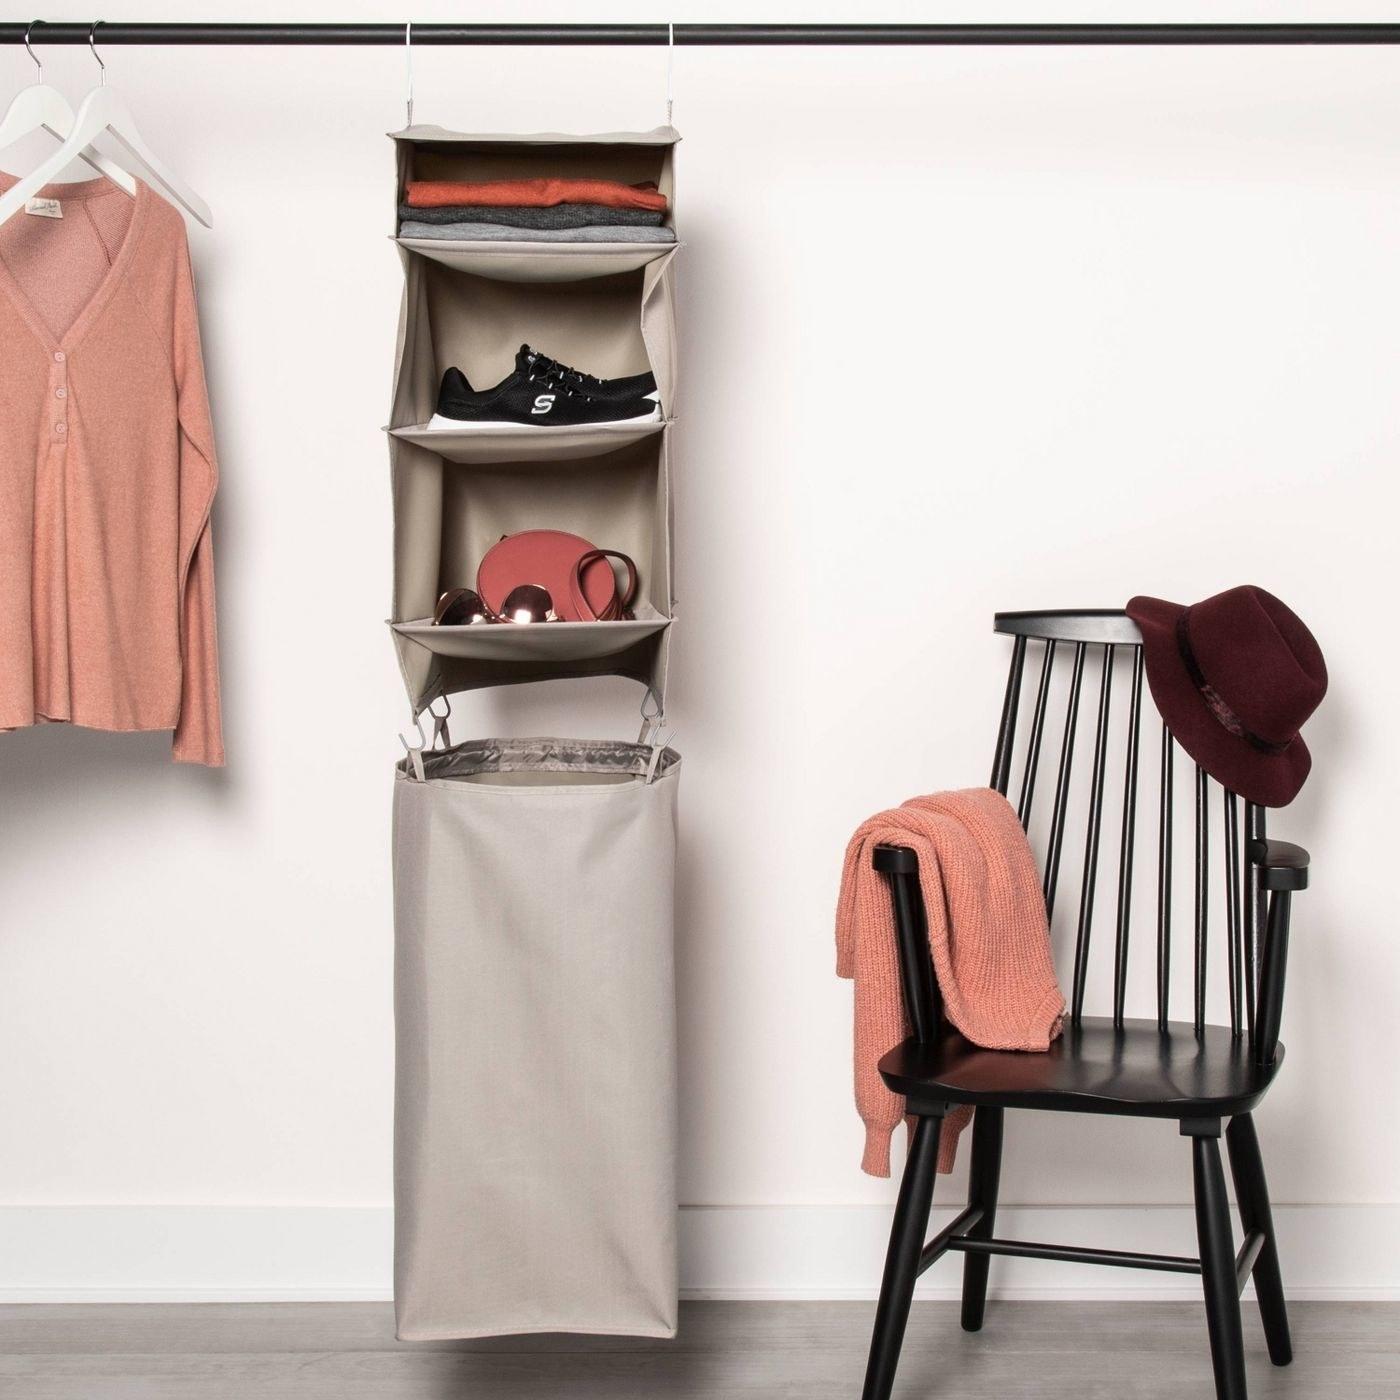 A tan 3-shelf closet organizer with a hamper